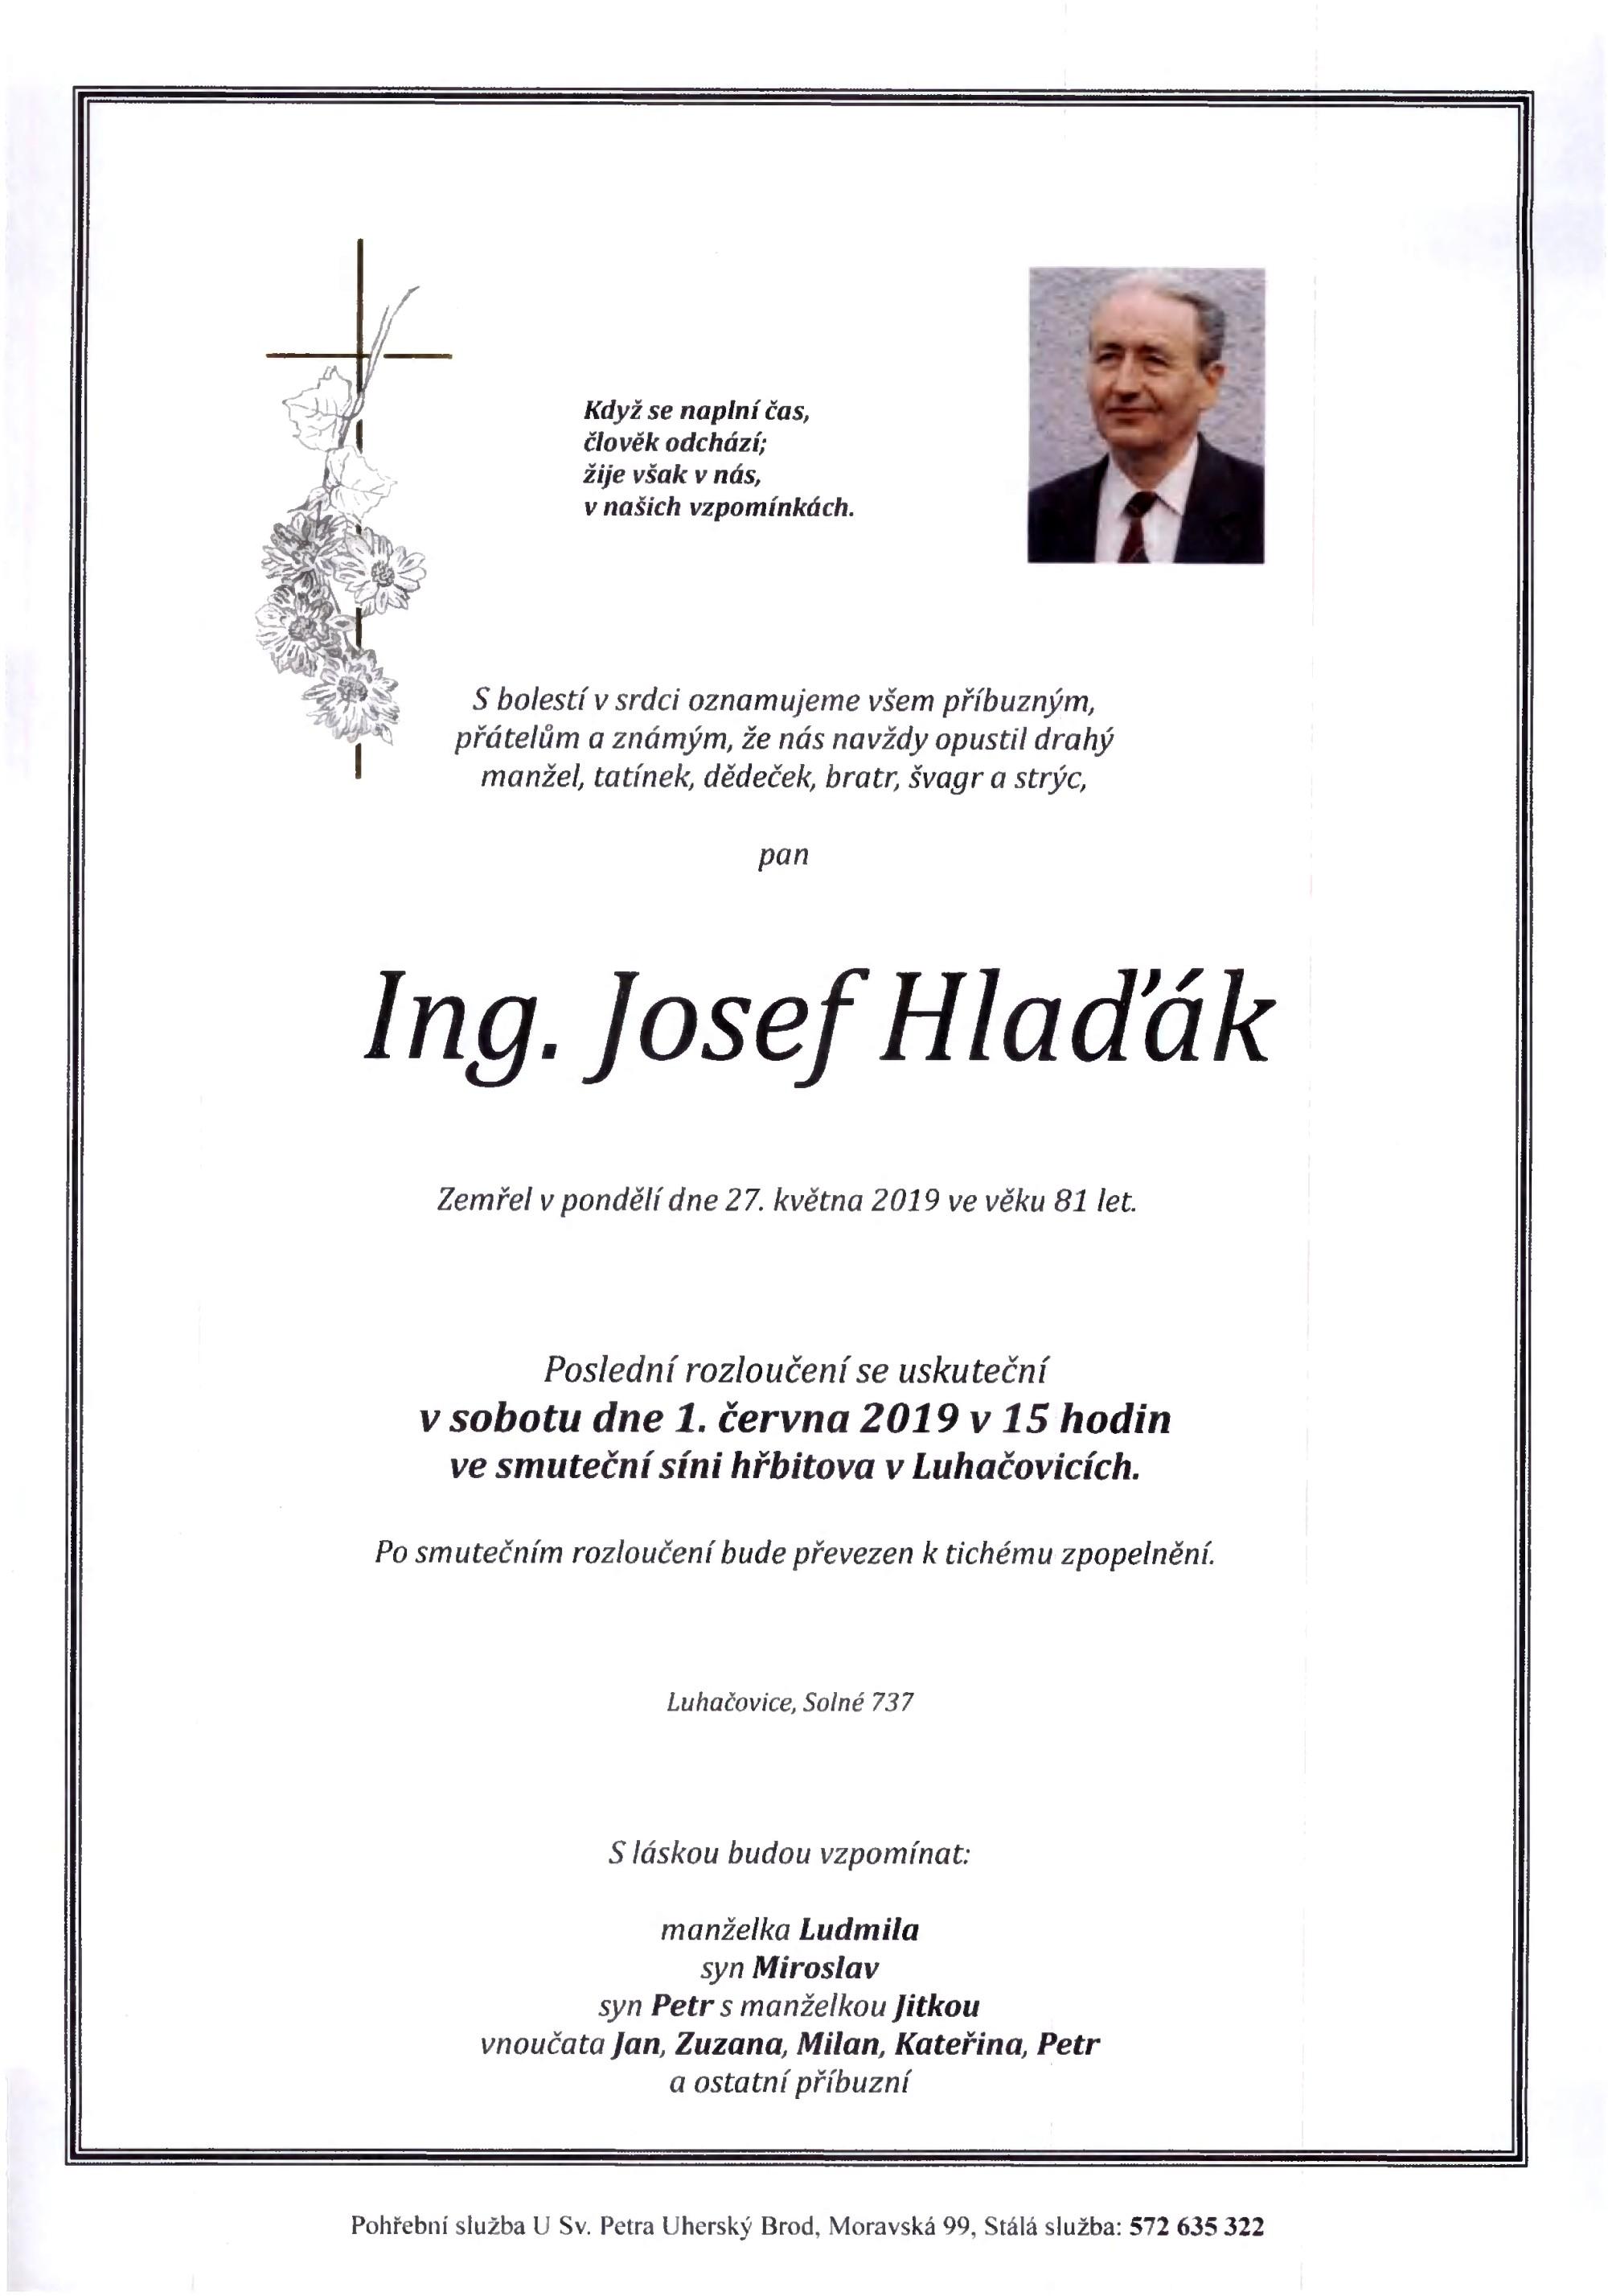 Ing. Josef Hlaďák